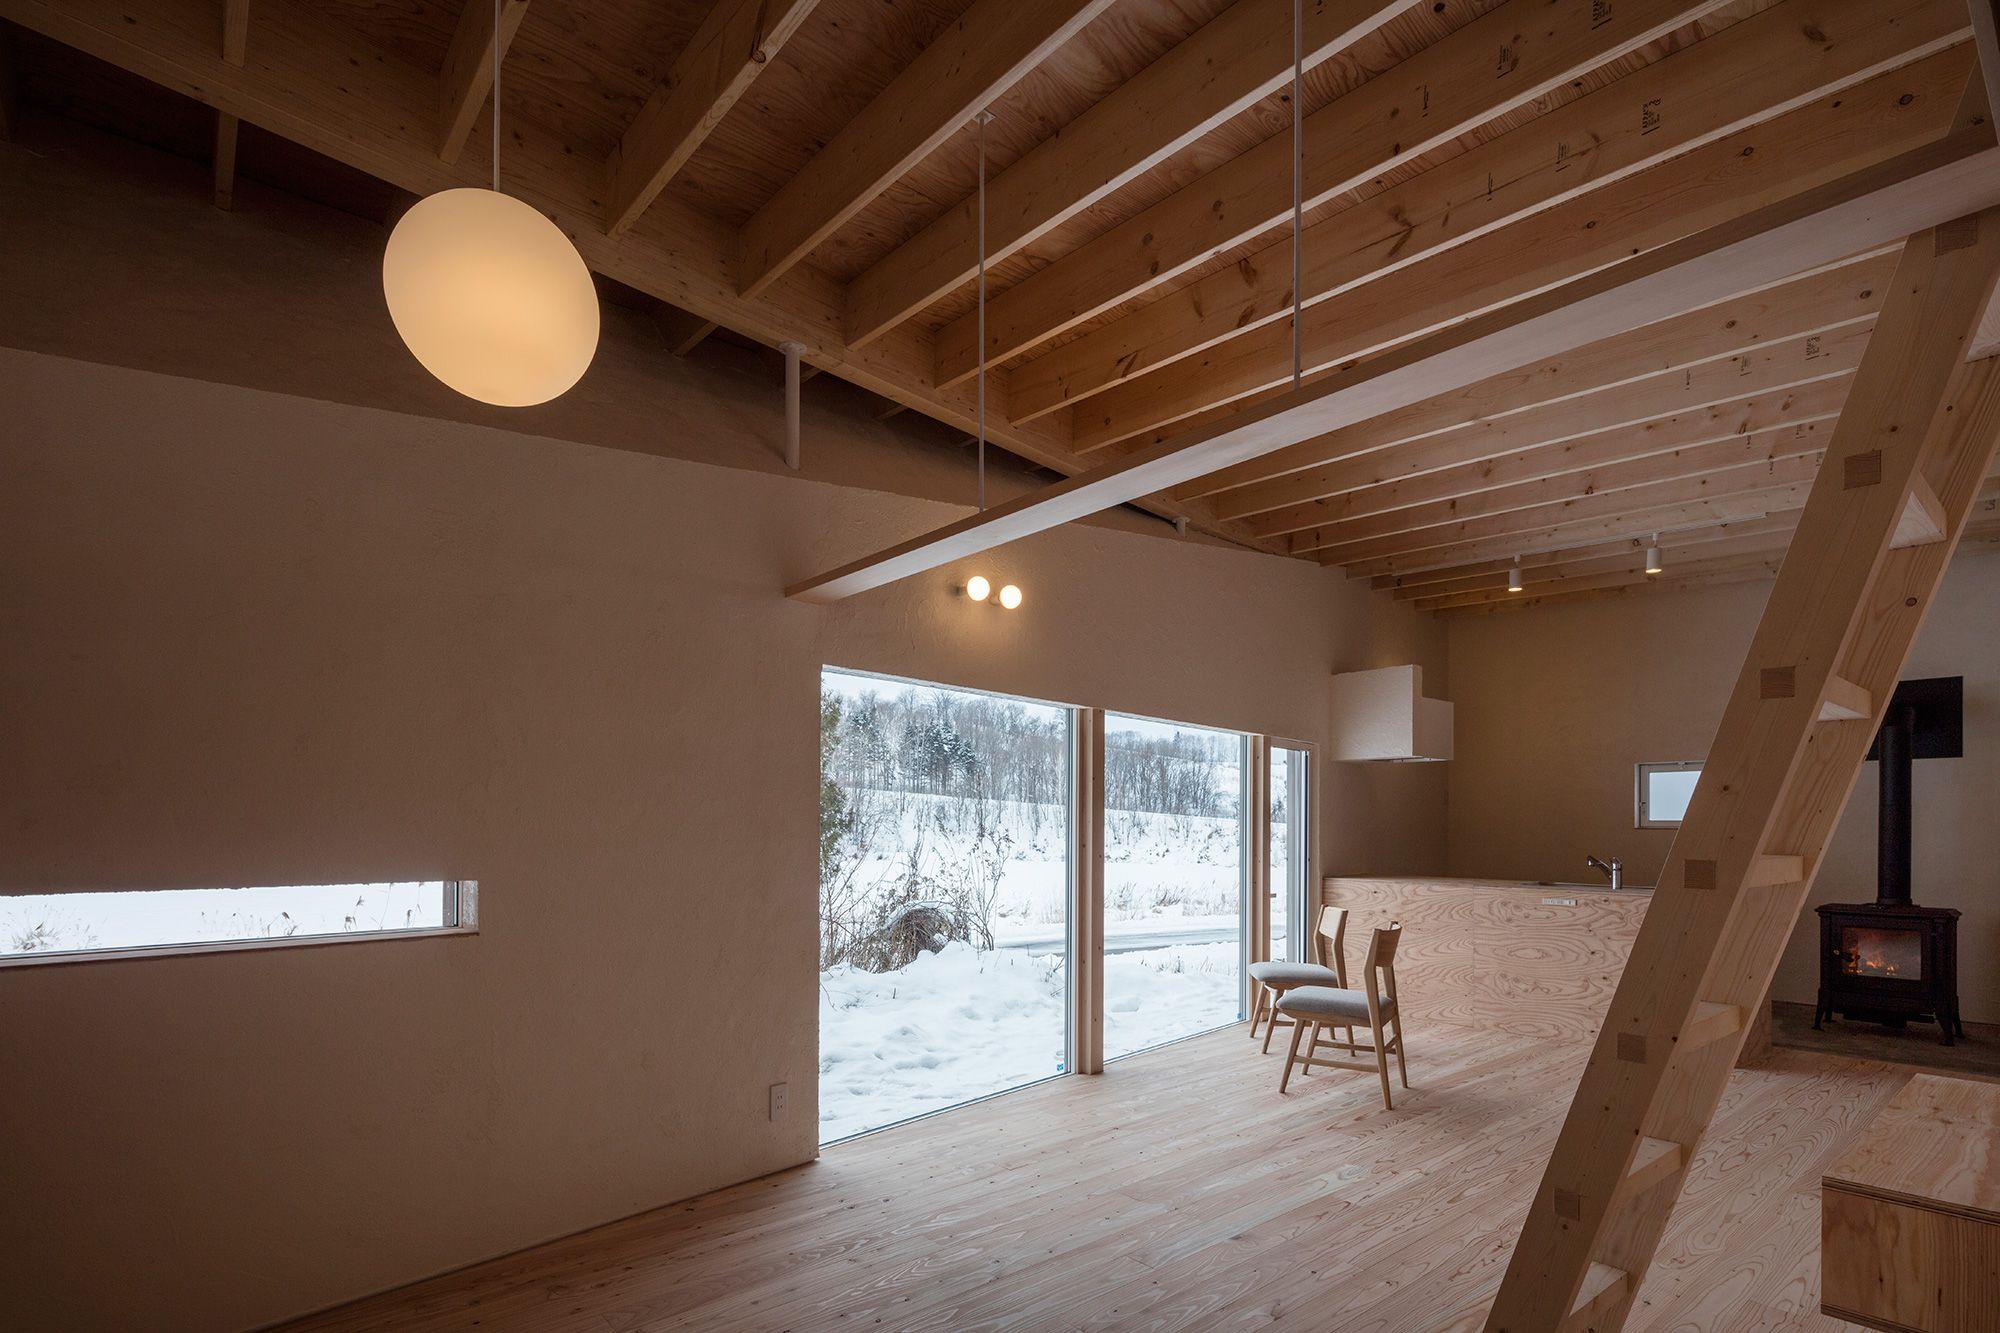 House in Biei